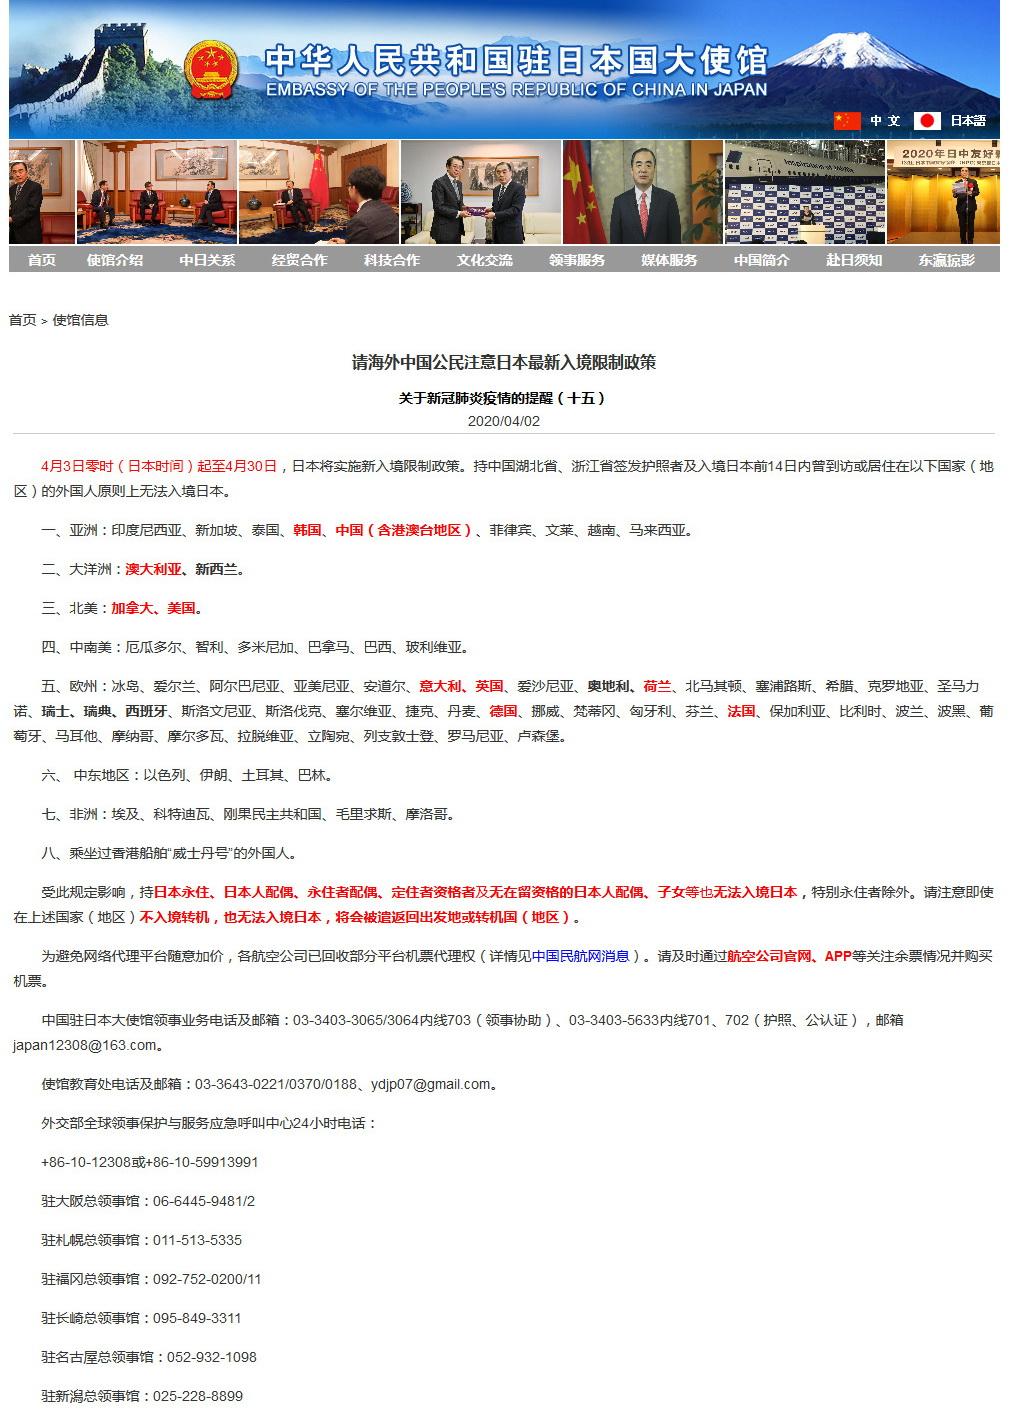 中国驻日使馆提醒海外中国公民注意日本最新入境限制